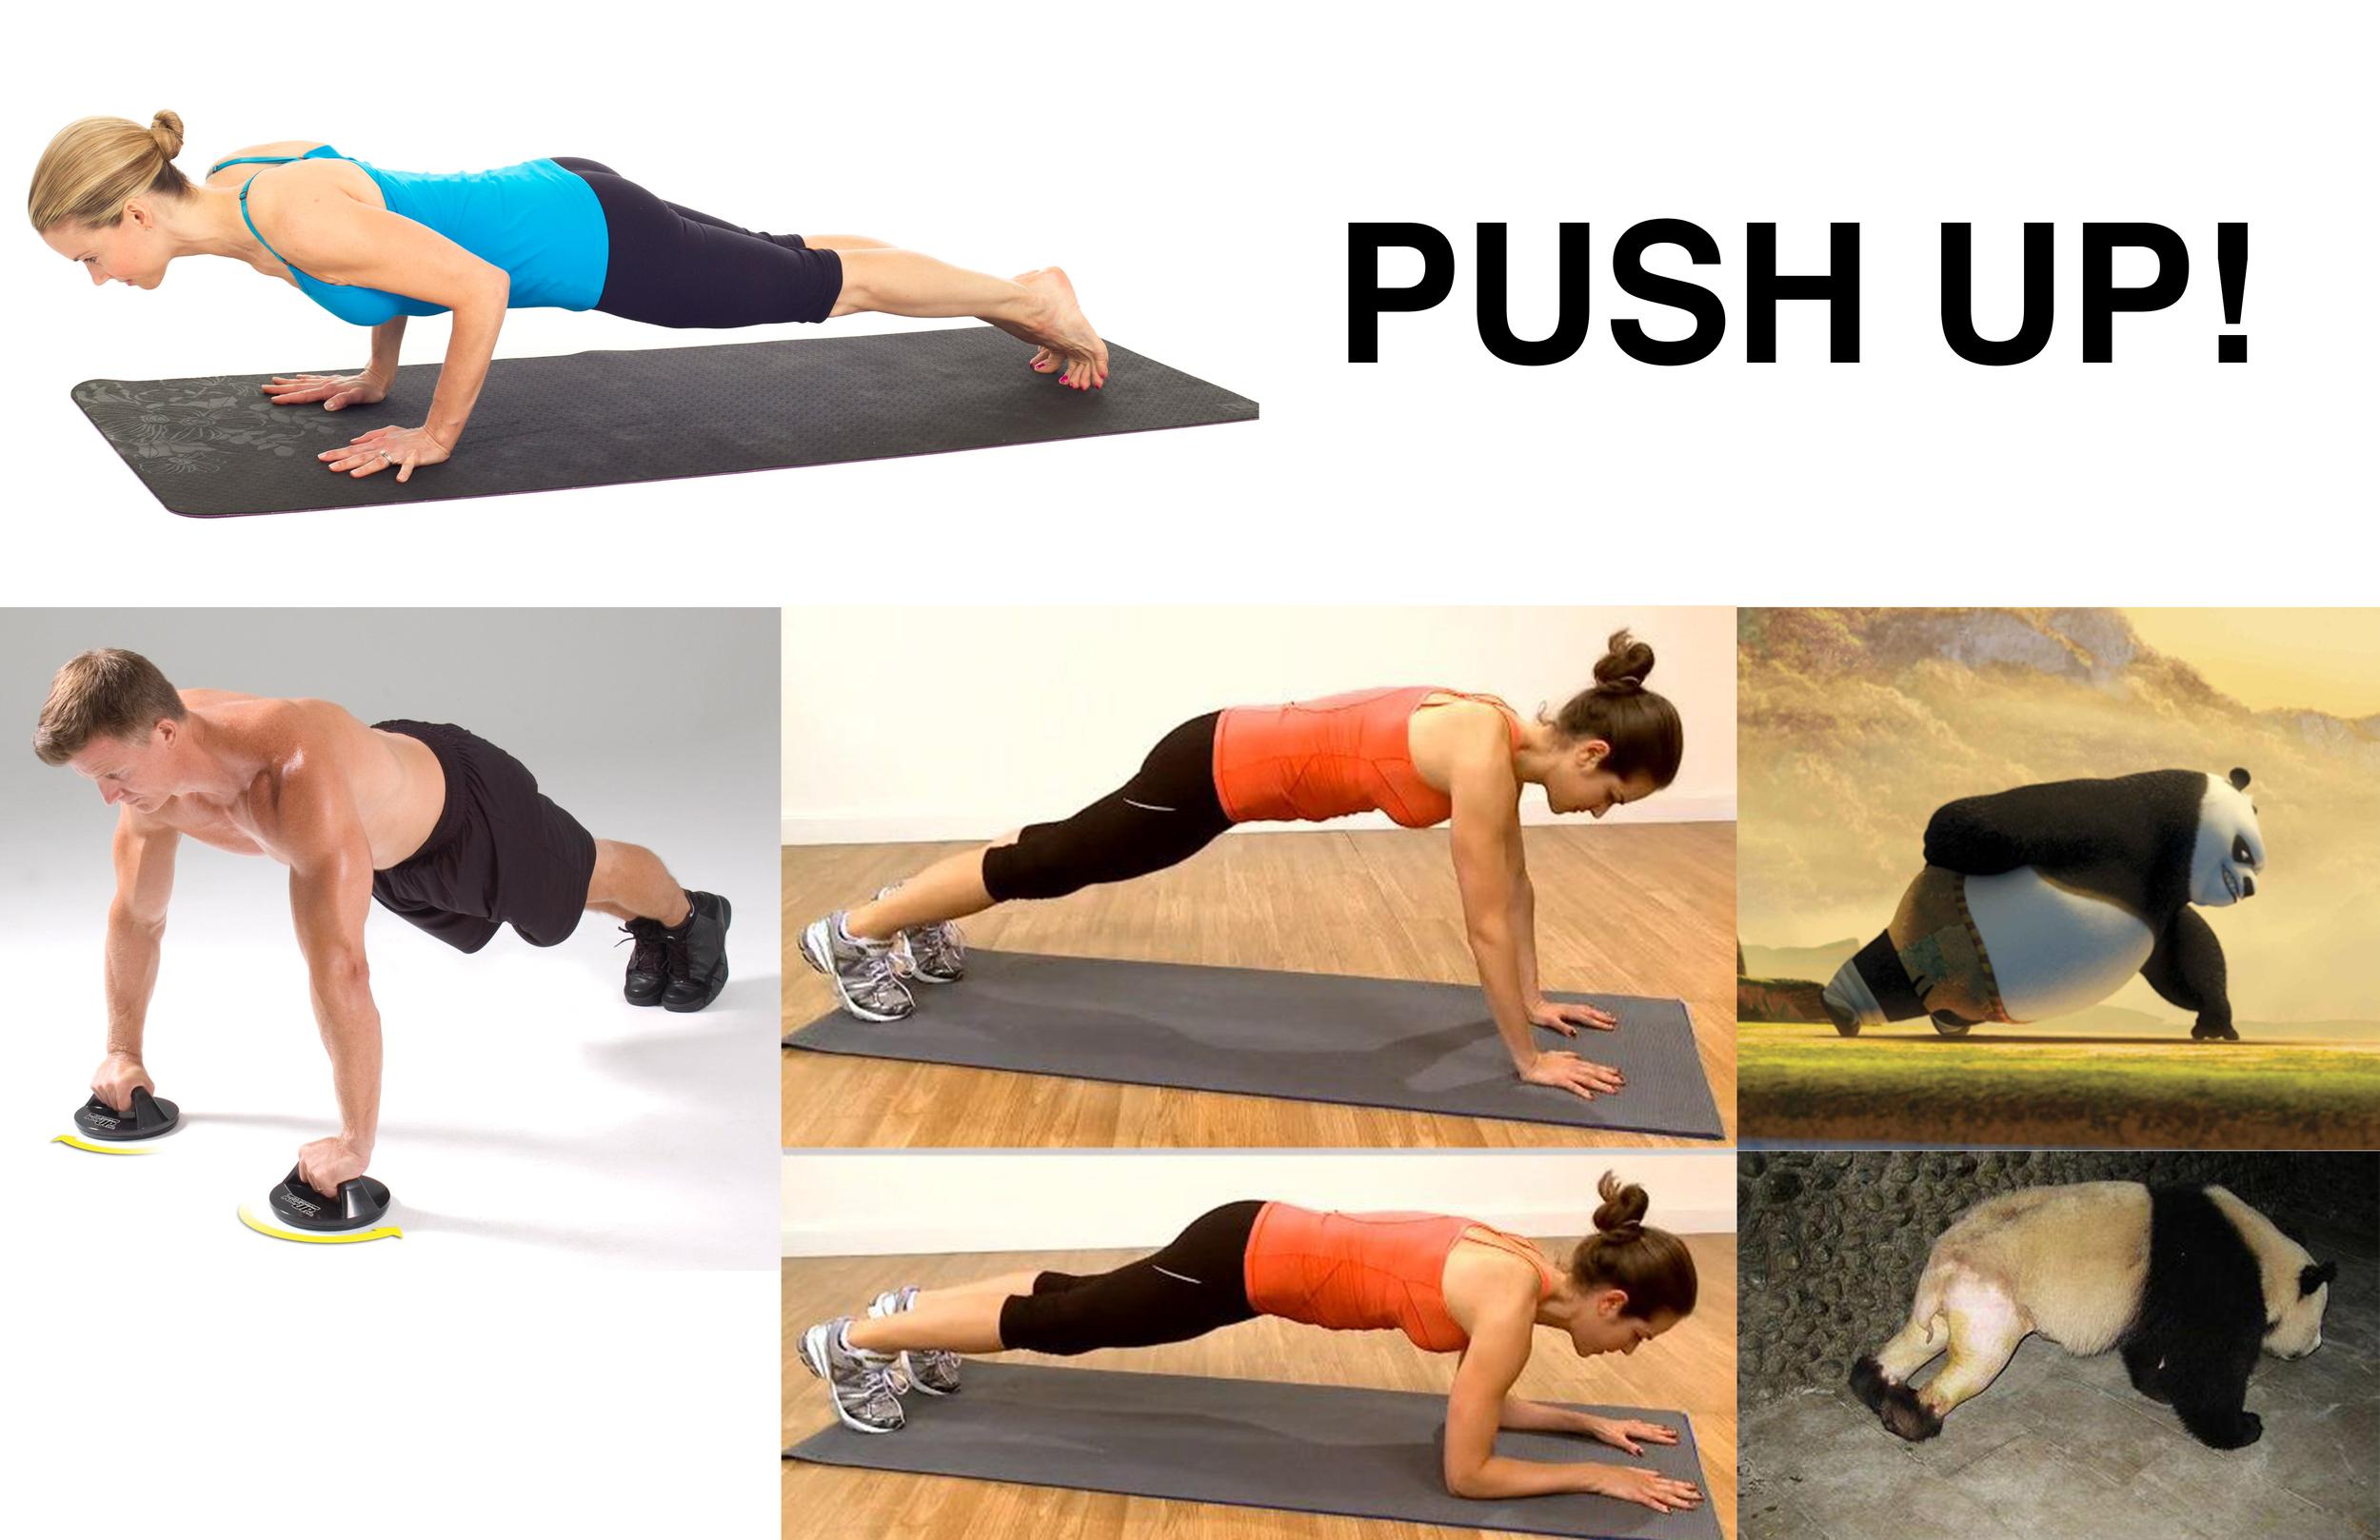 push up1.jpg